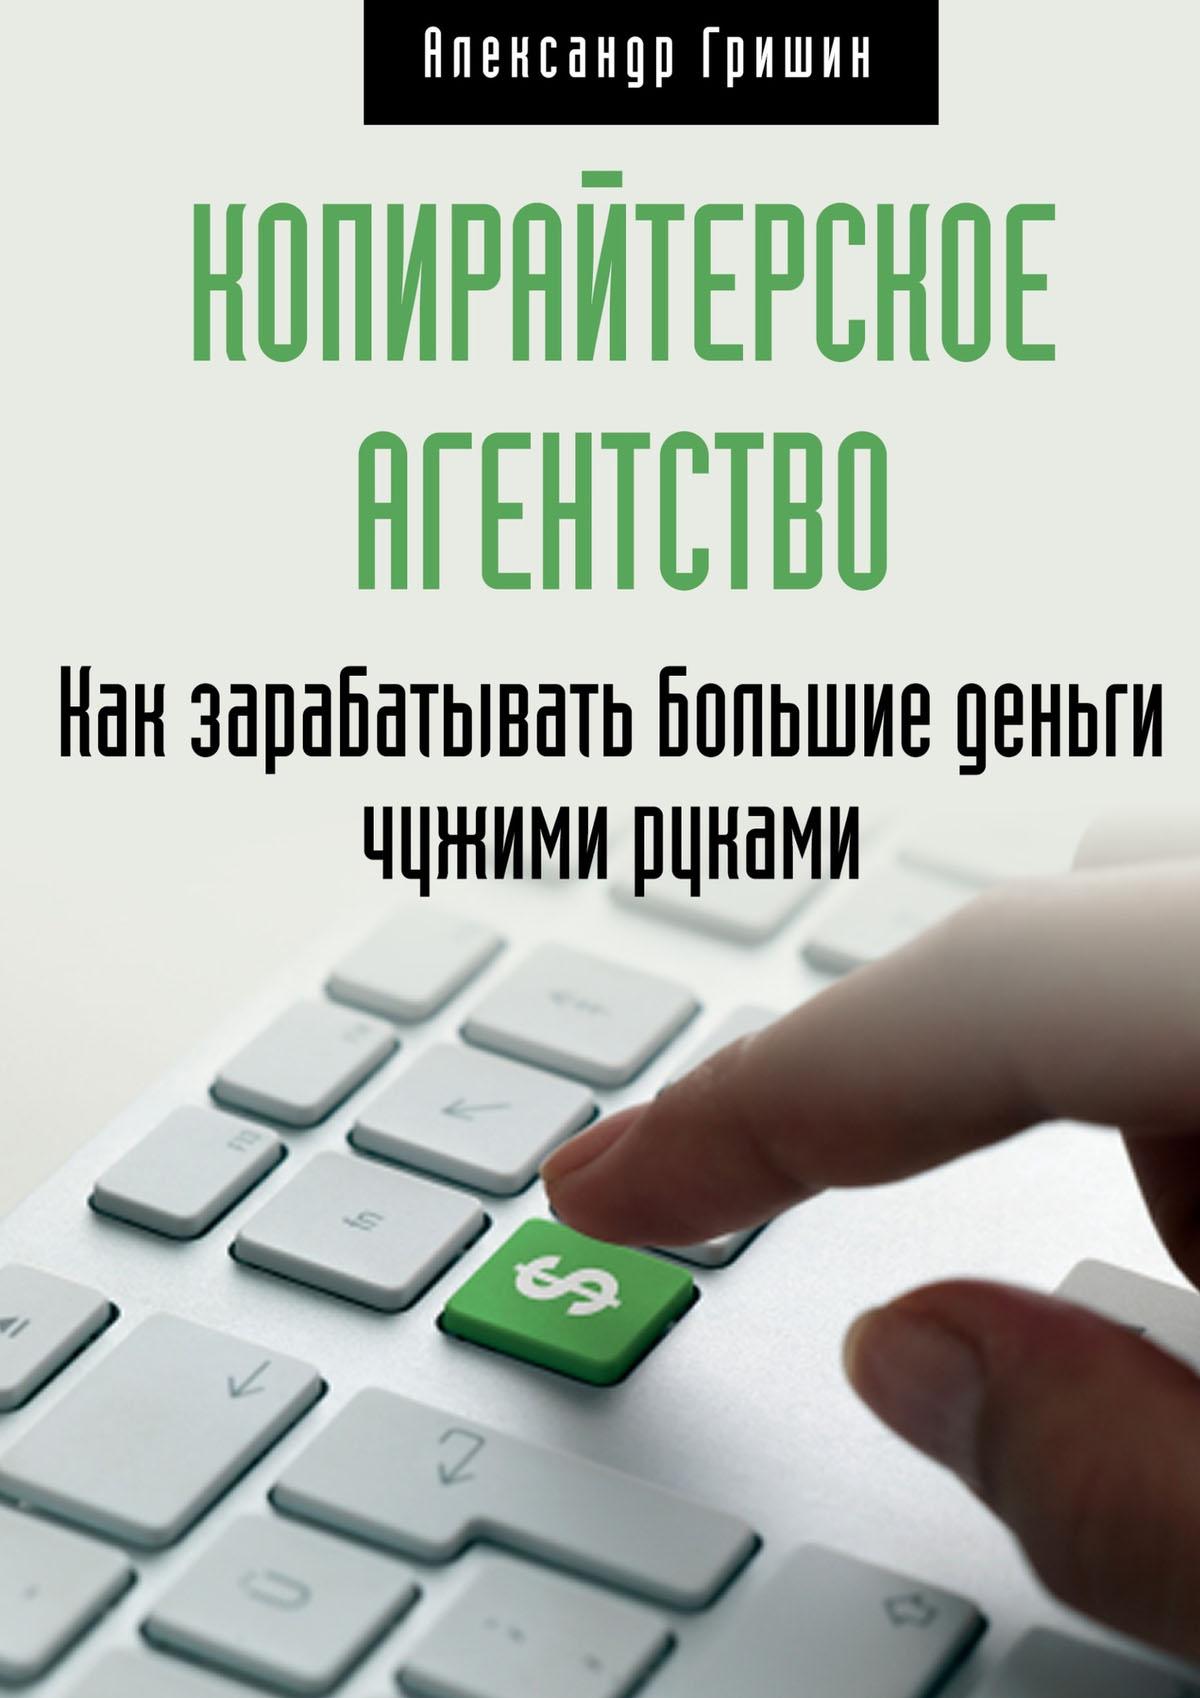 Александр Гришин Копирайтерское агентство. Как зарабатывать большие деньги чужими руками тарифный план